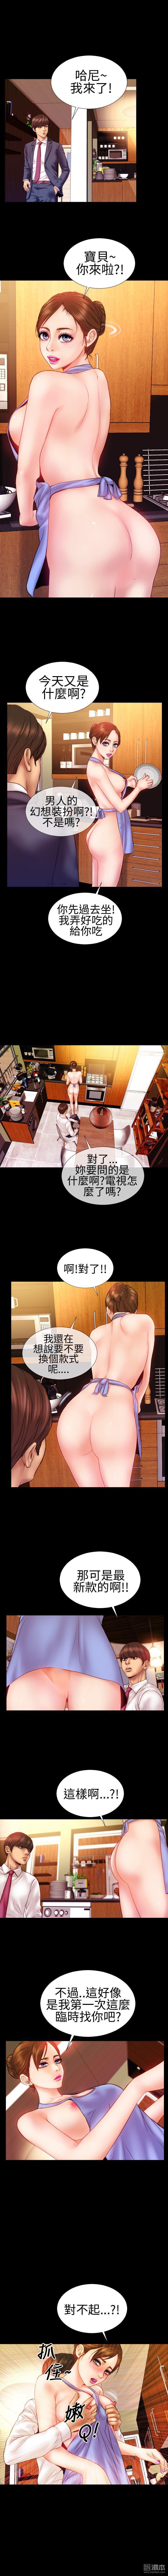 [洋蔥&模造]MY WIVES 淫荡的妻子们 Ch.4~10 [Chinese]中文 27